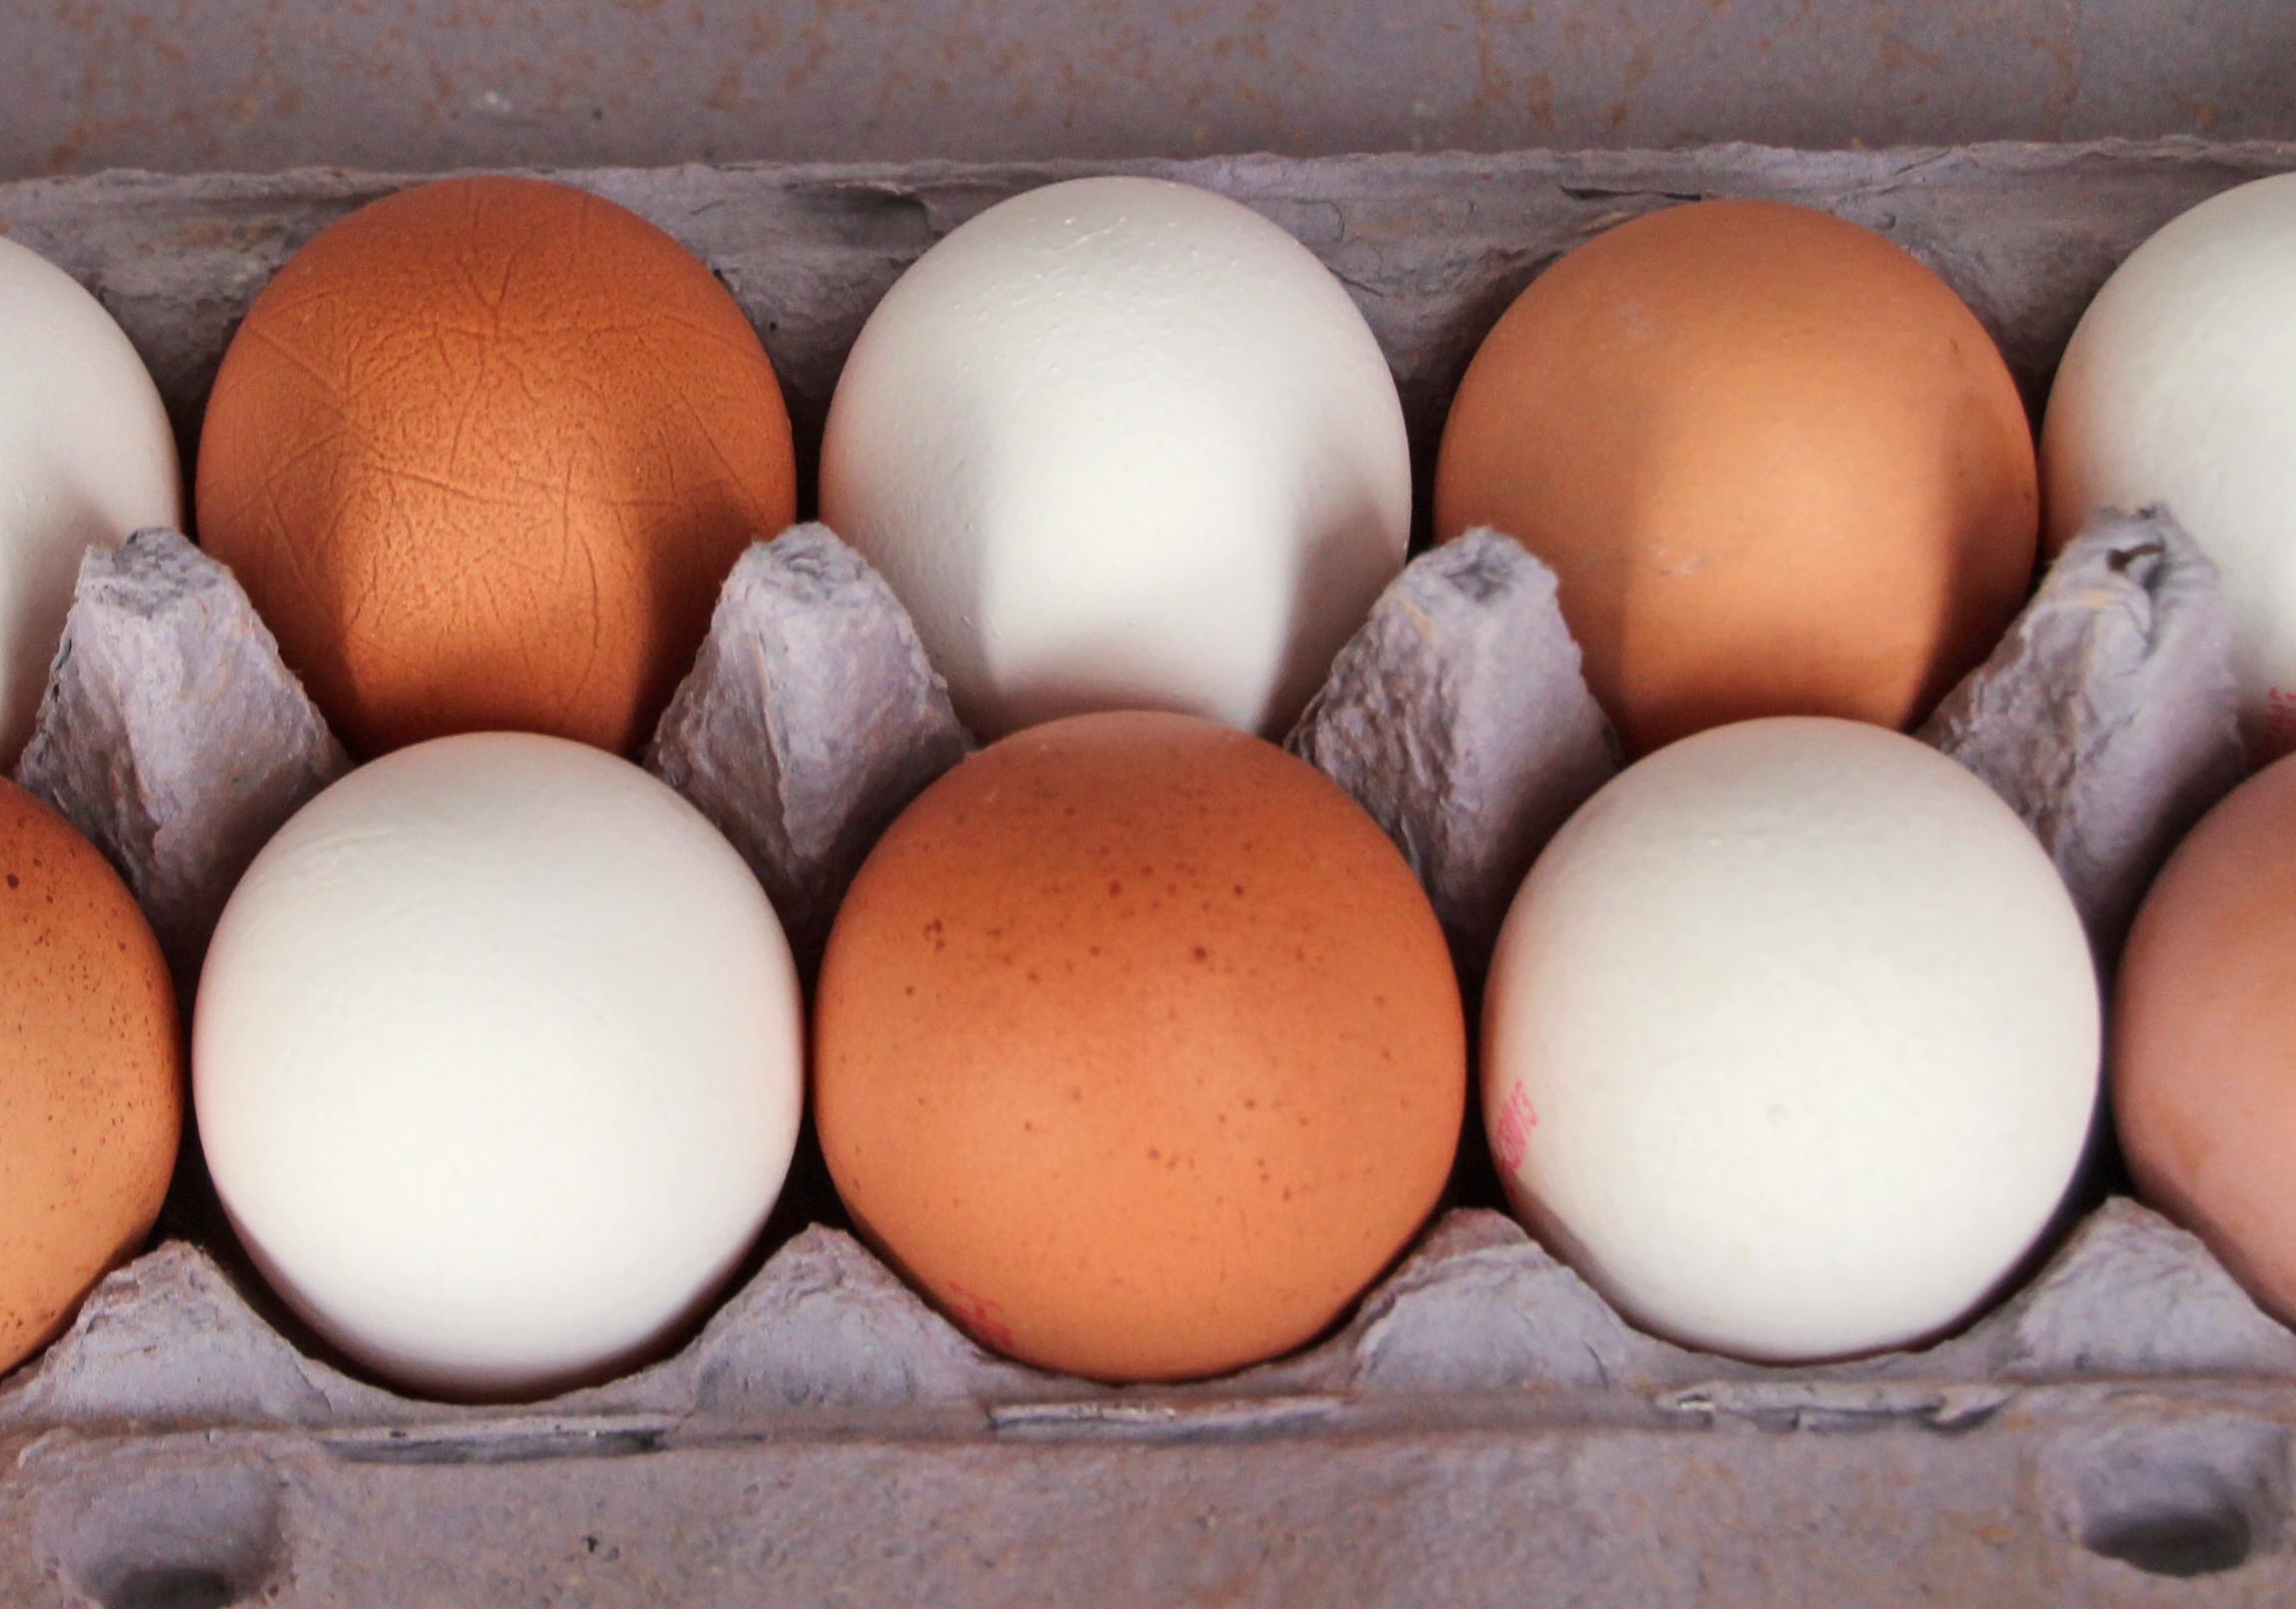 Landwirtschaftspolitik: Eier-Subventionen